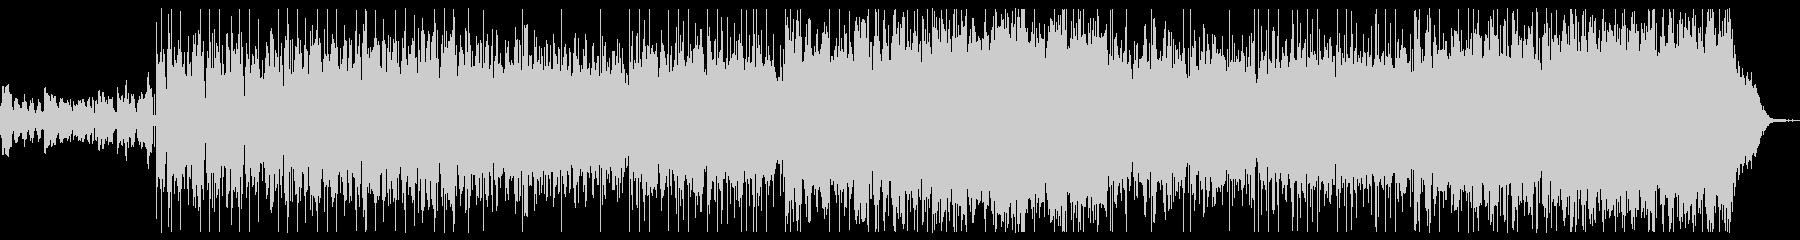 エレクトロヒップホップの未再生の波形